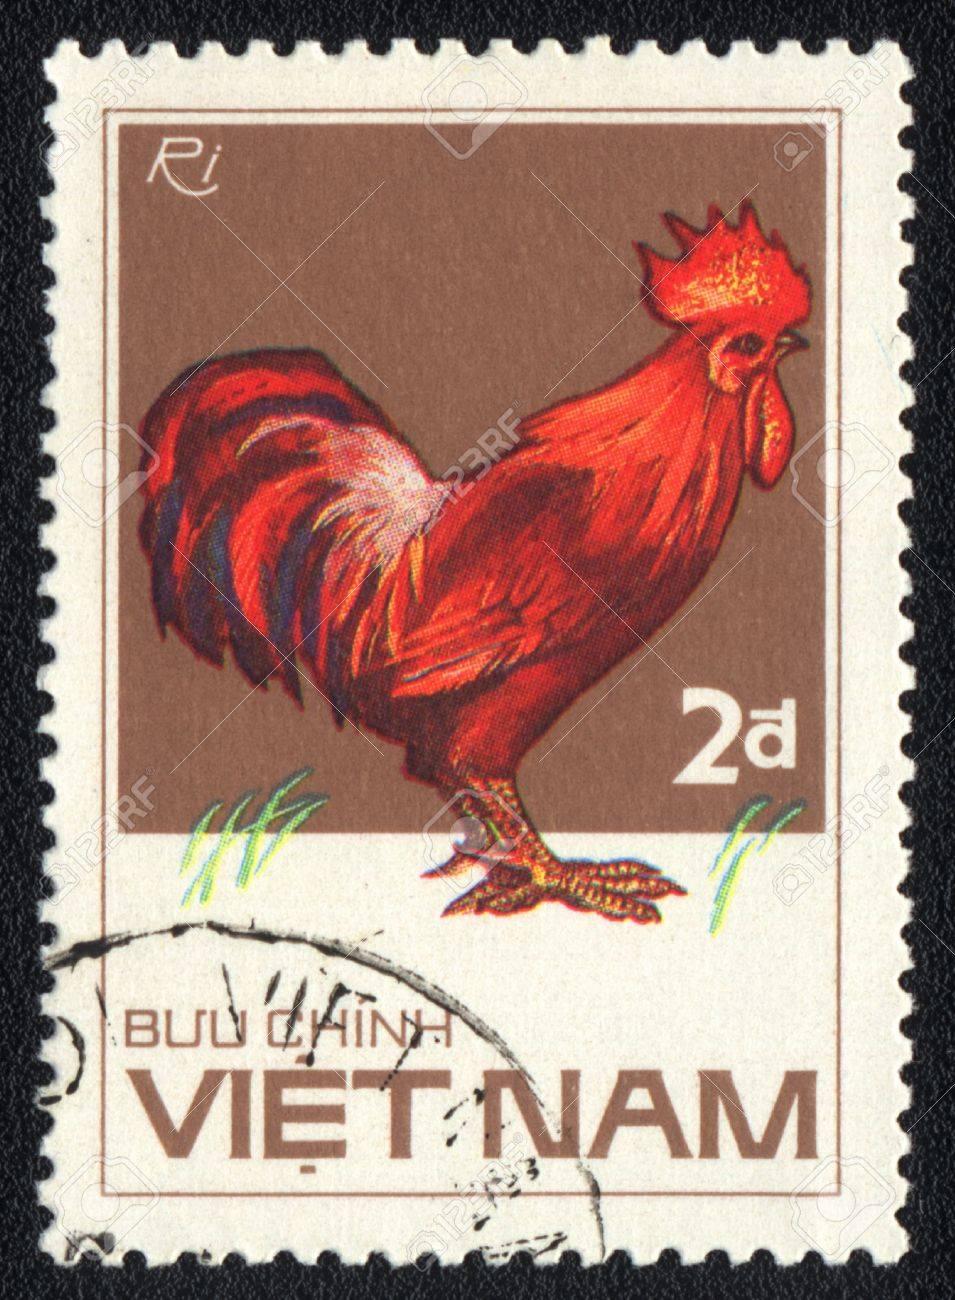 vietnam circa 1985 a stamp printed in vietnam shows rhode